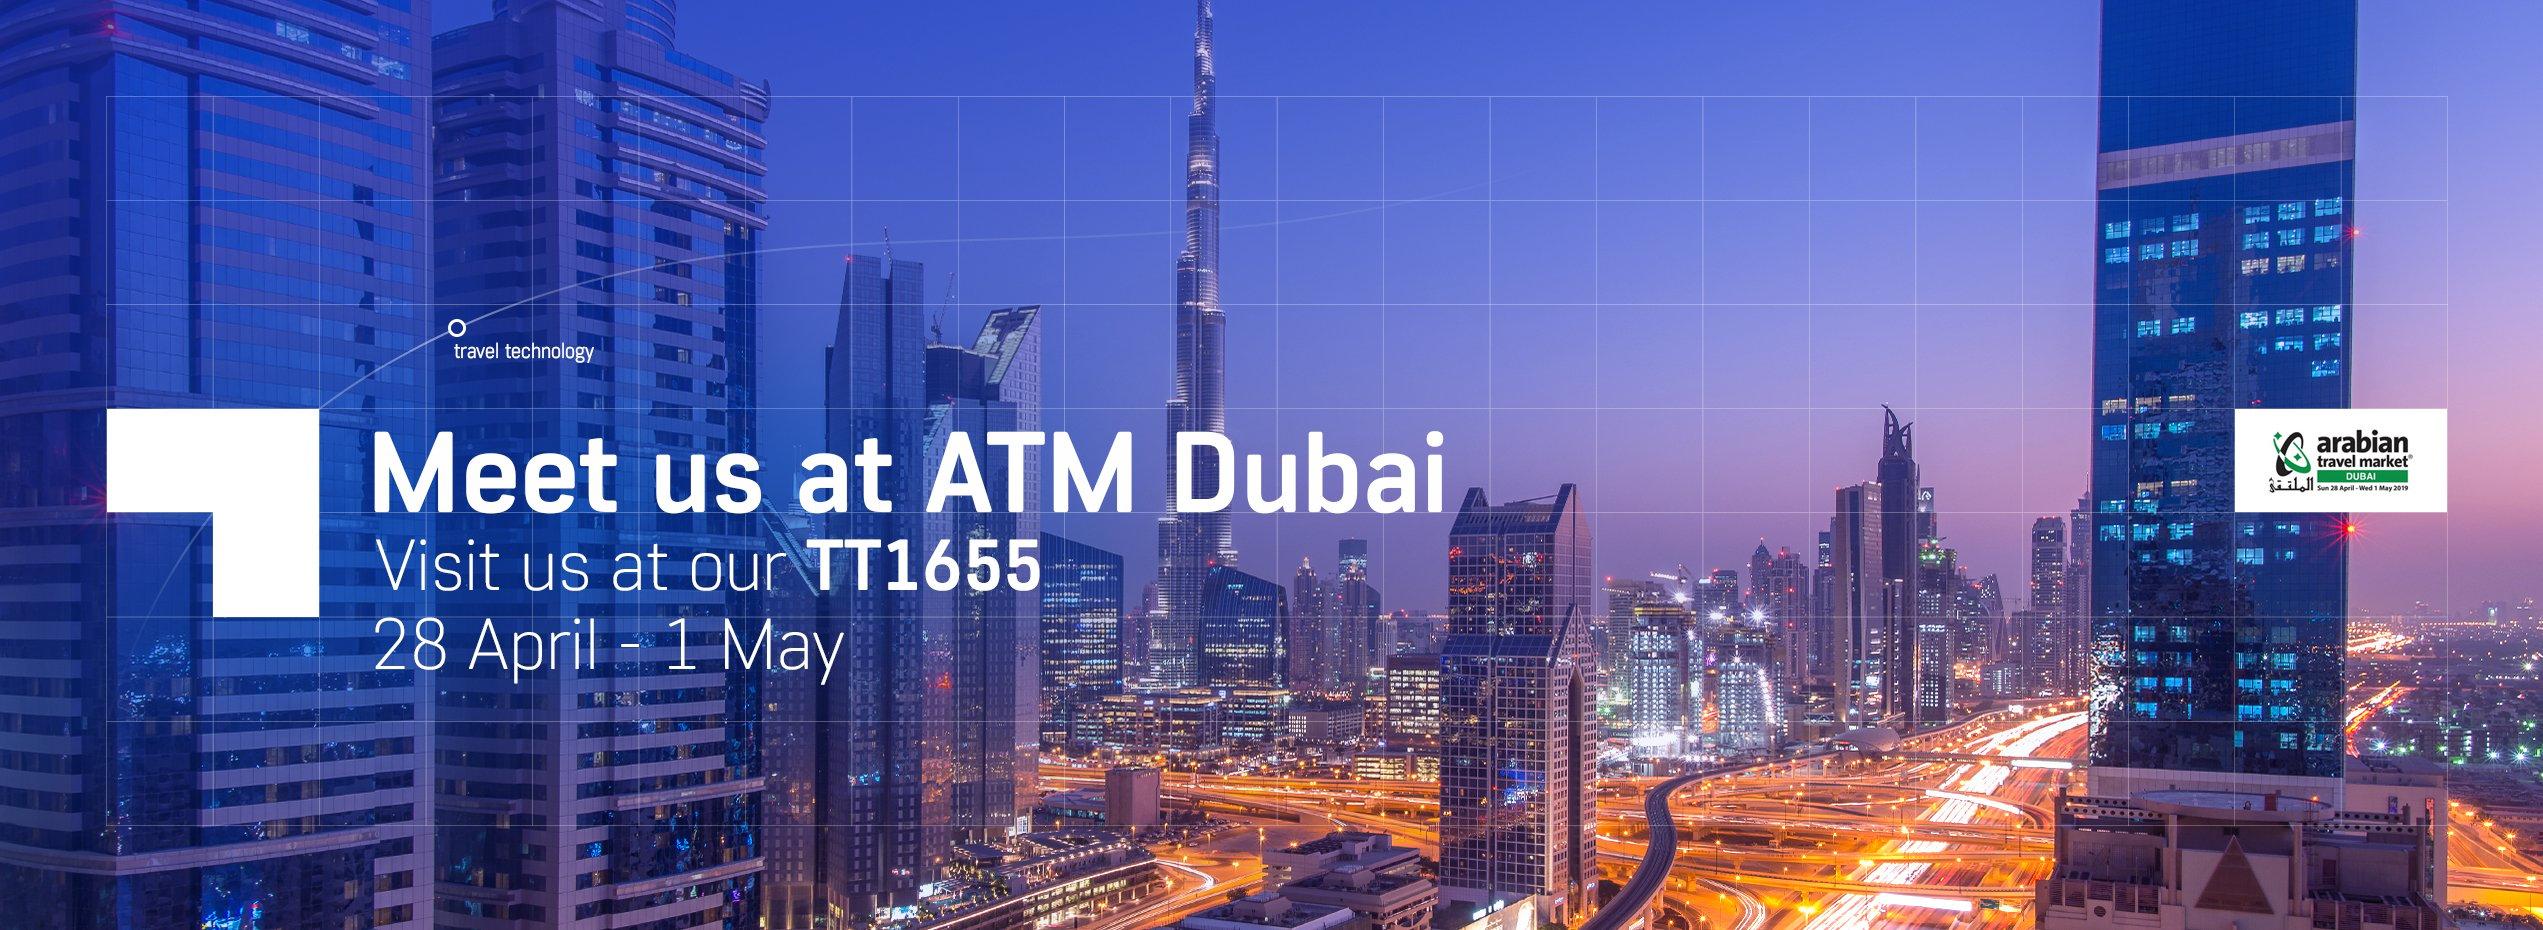 ATM DUBAI 2019